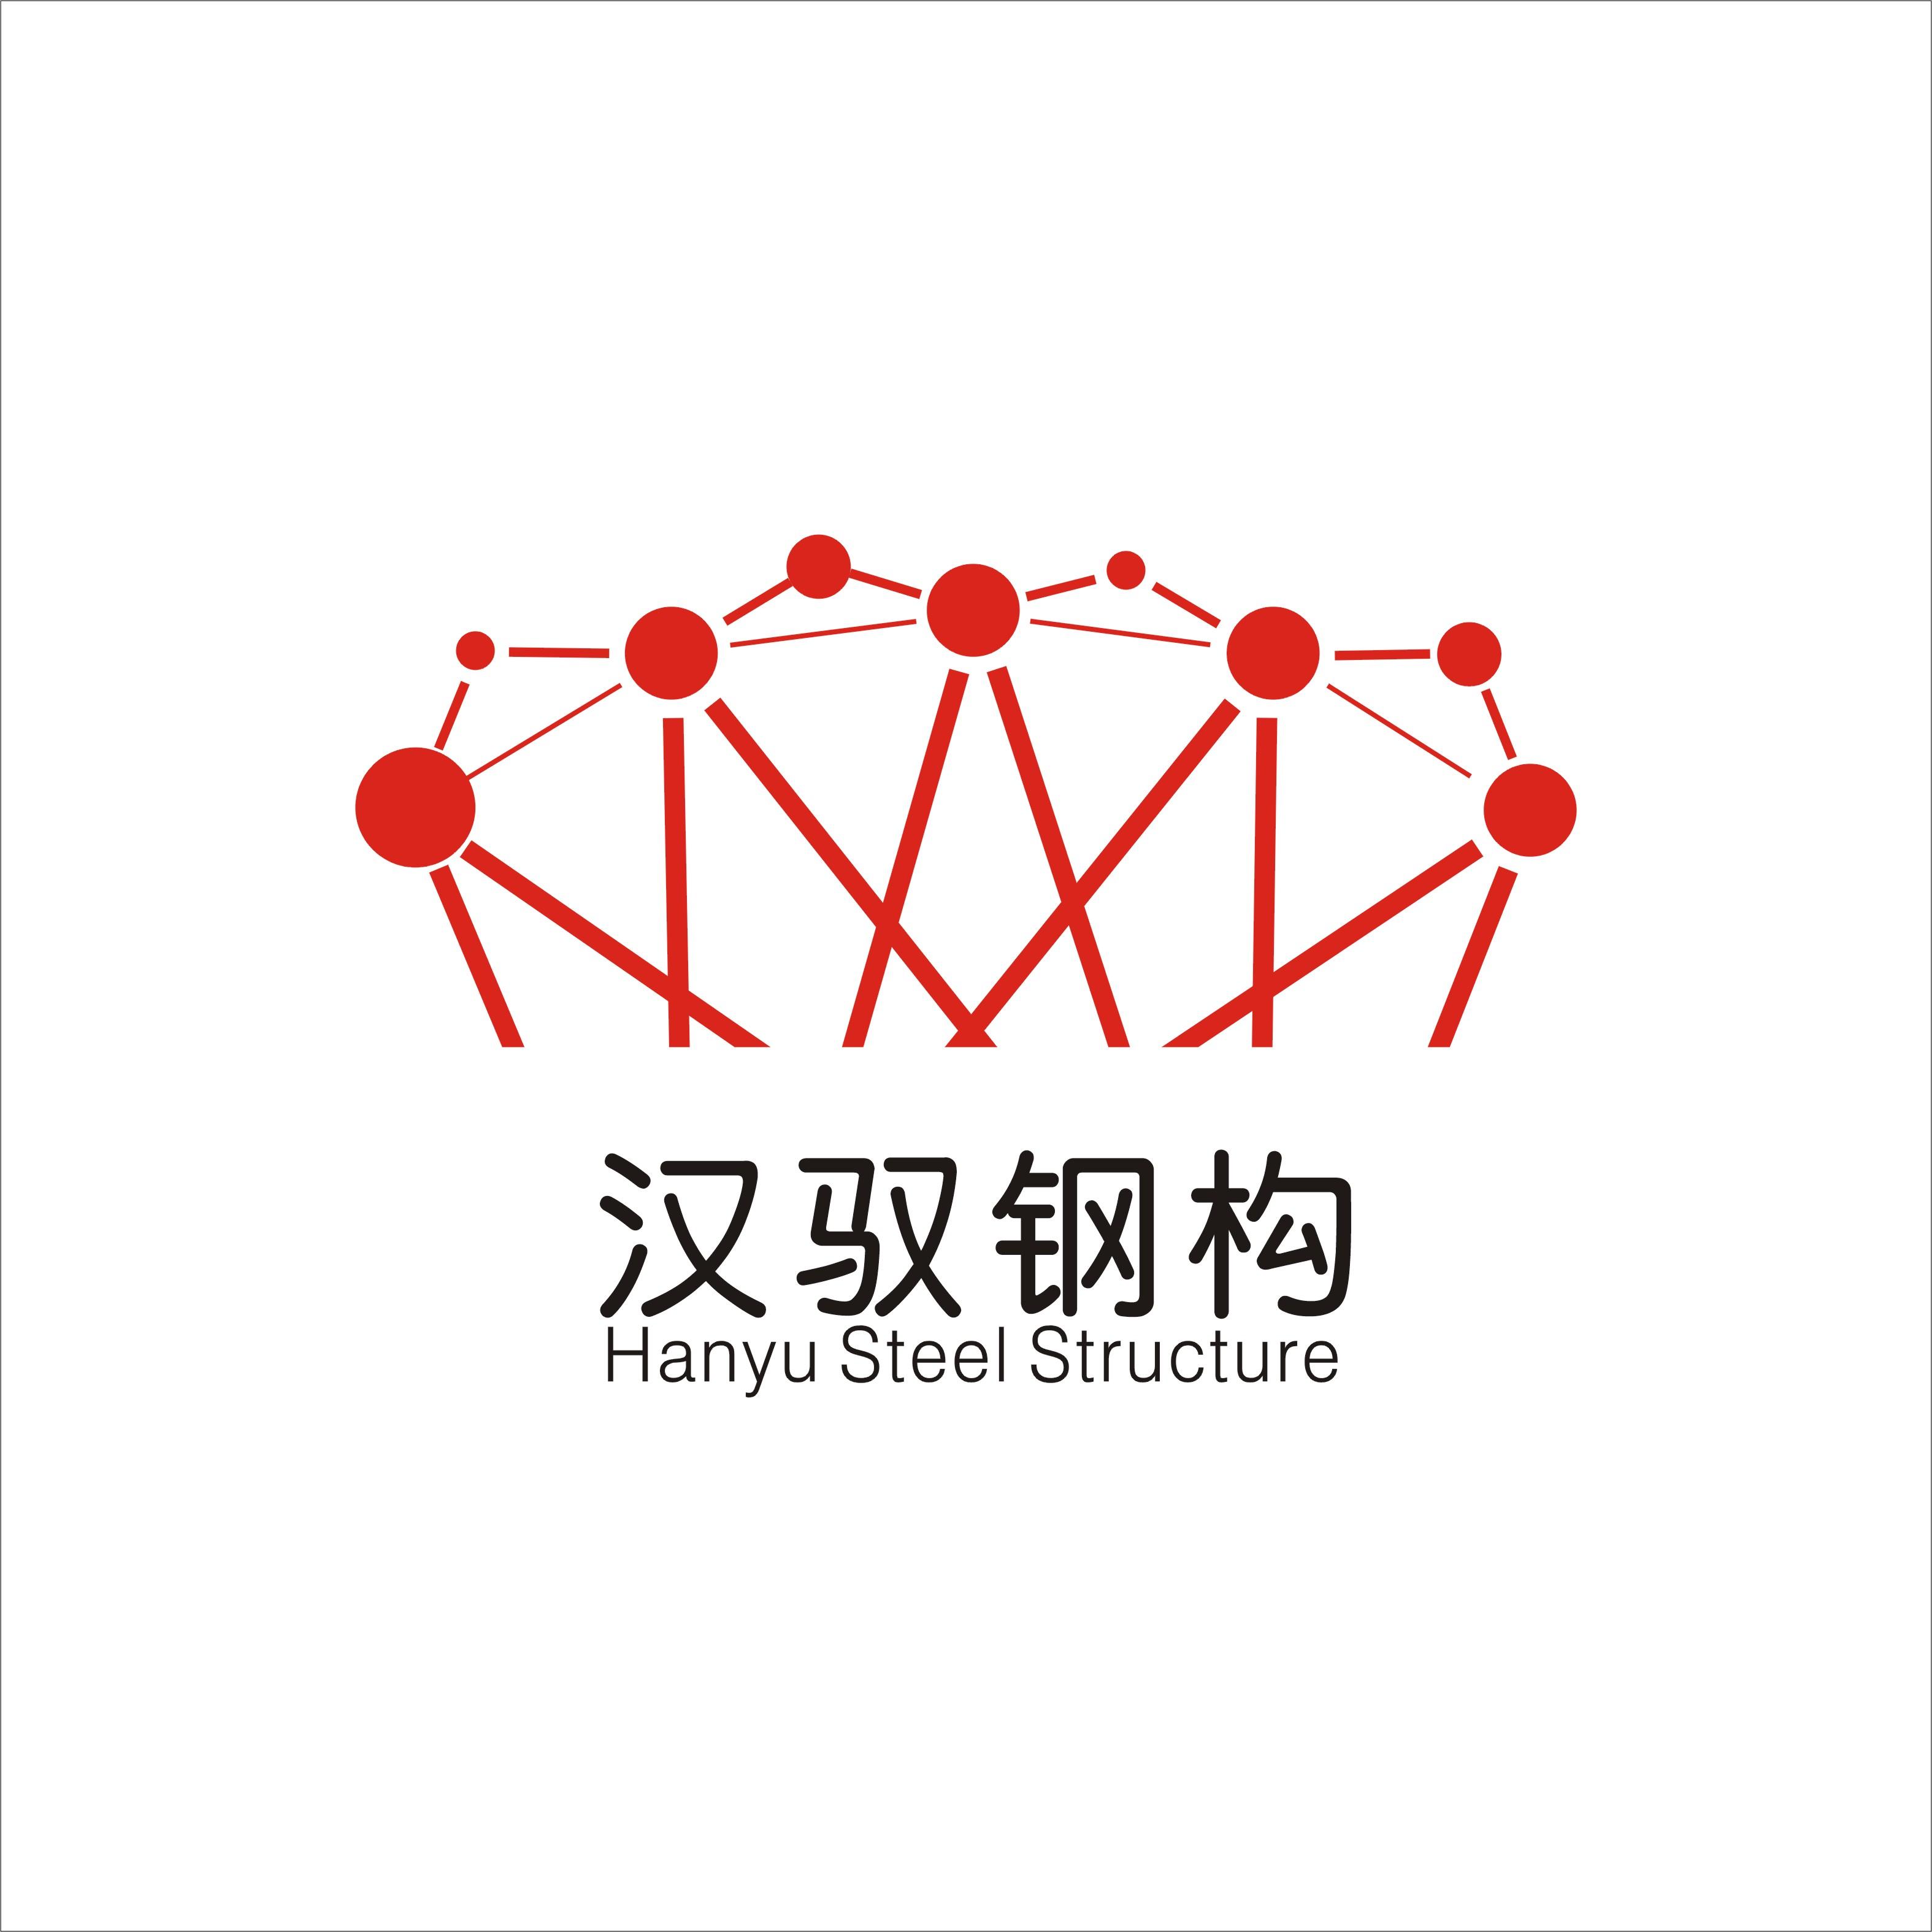 四川汉驭空间钢结构有限公司